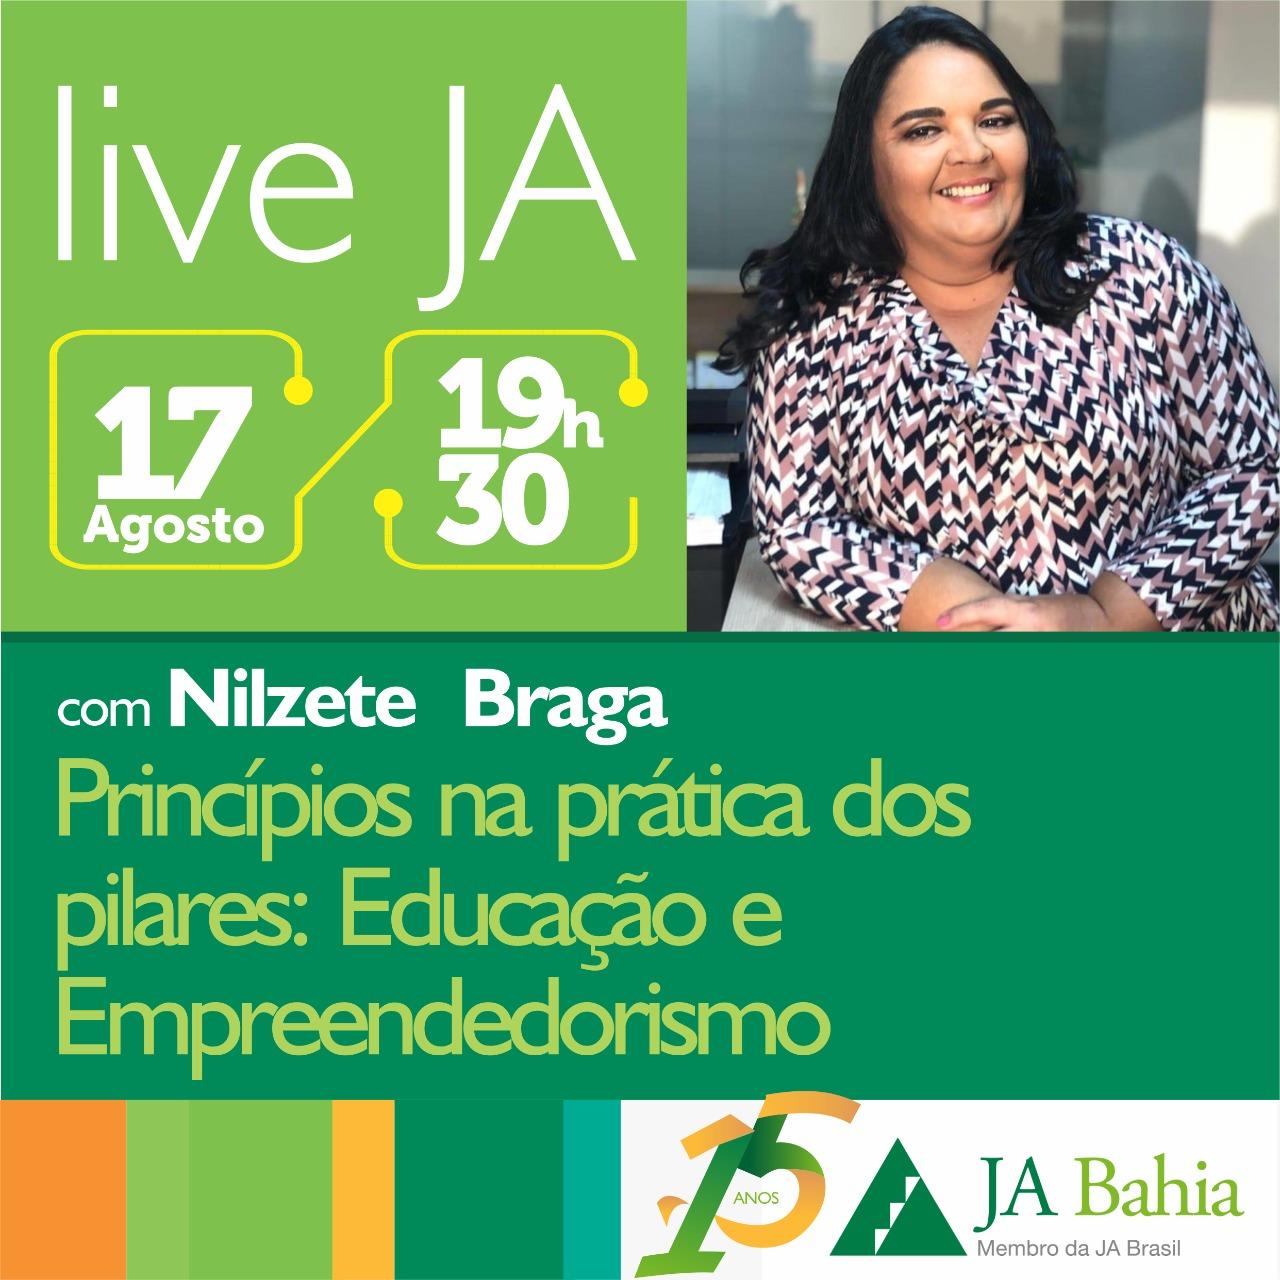 #LIVEJA com Nilzete braga